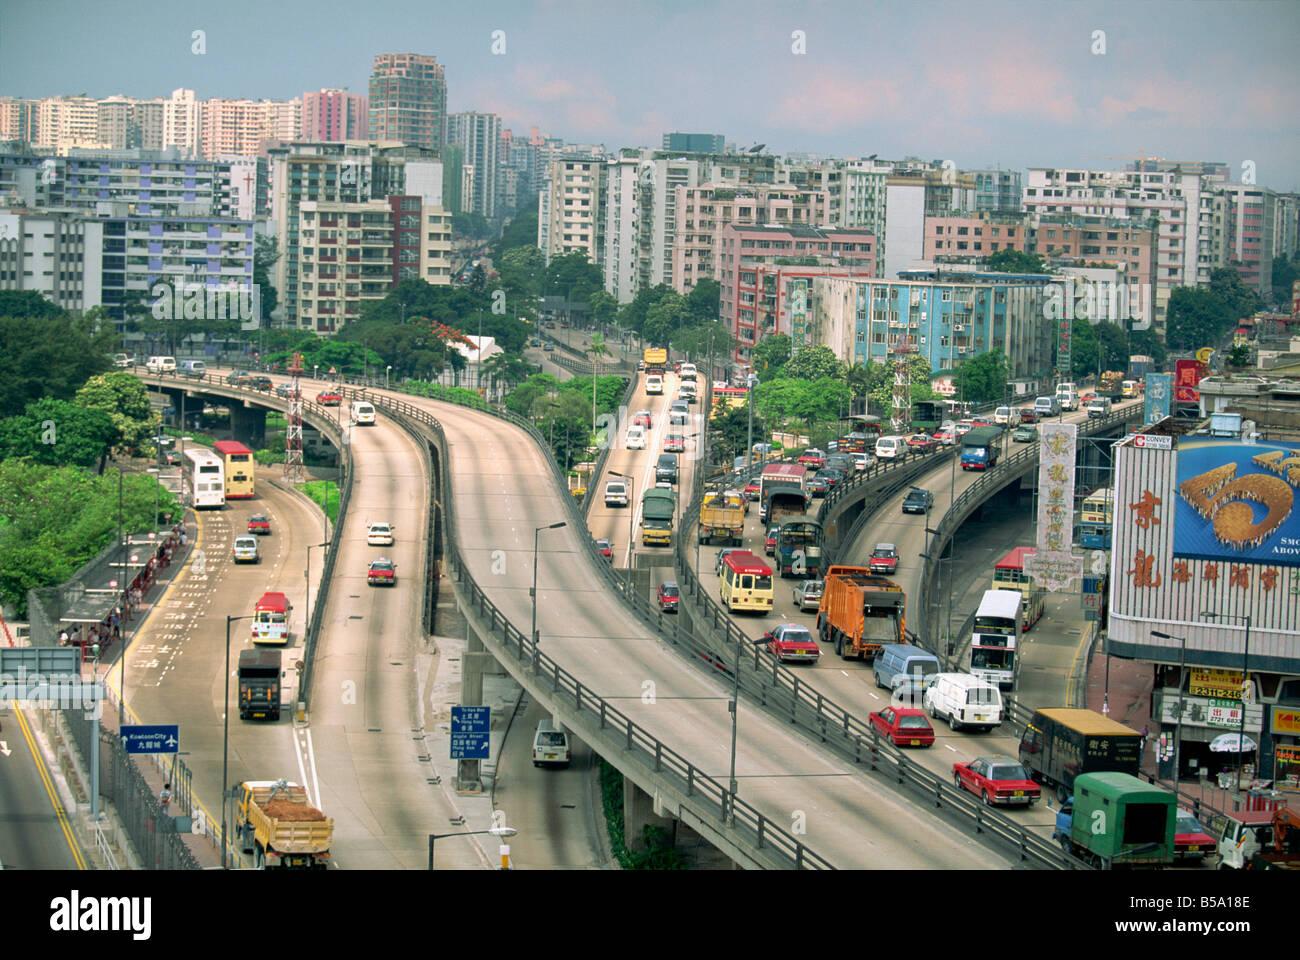 Traffic on flyovers near Kai Tak Airport, Kowloon, Hong Kong, China - Stock Image